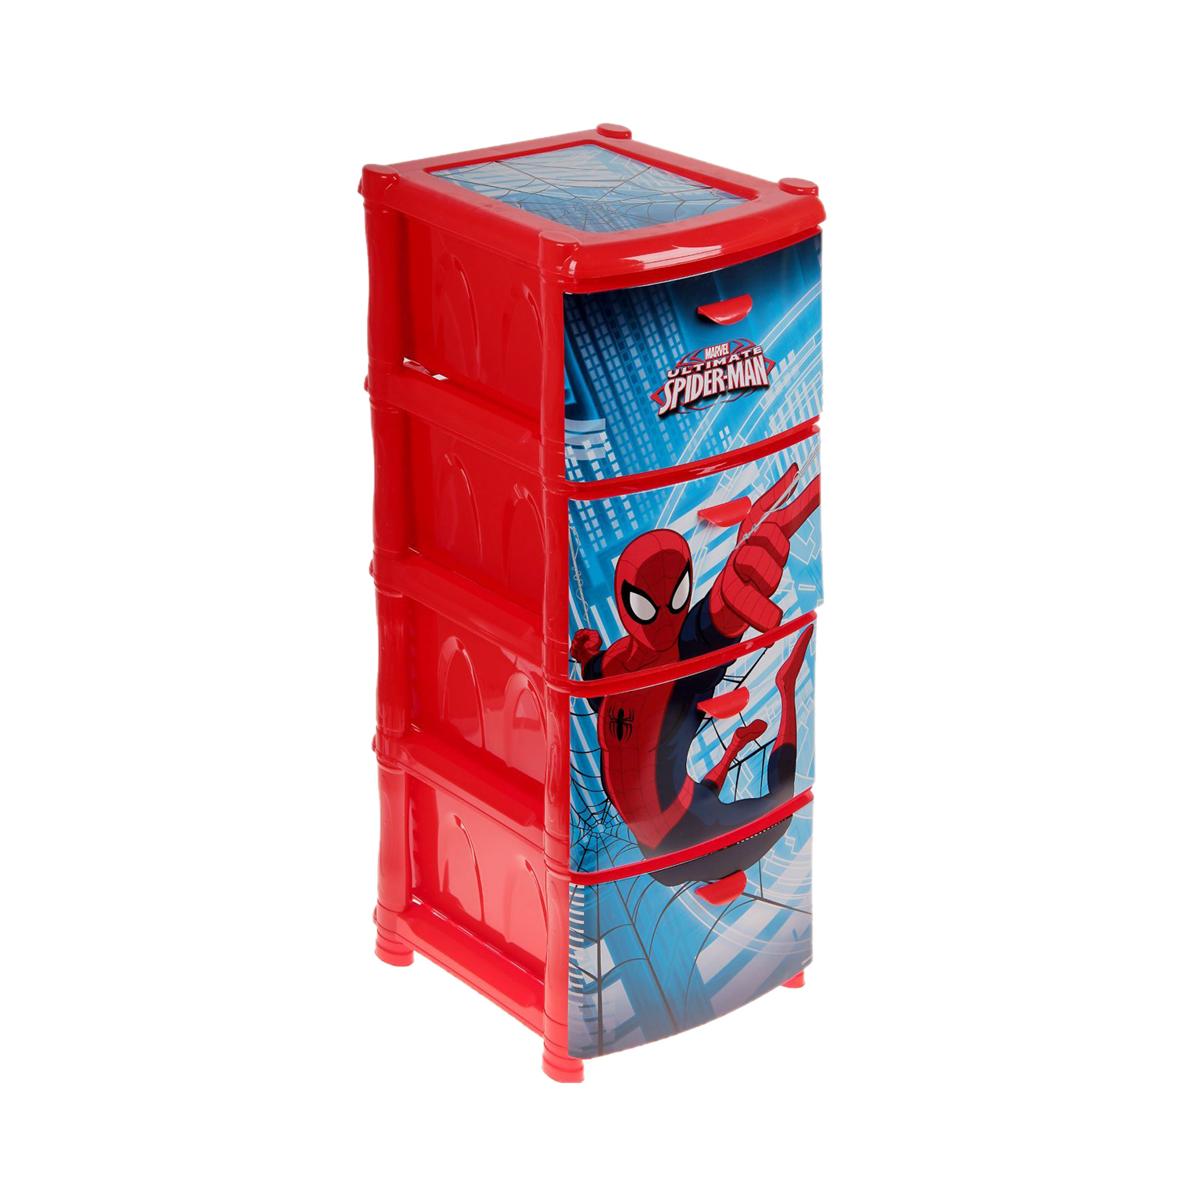 Комод Человек-паук, 4 секции, красныйКорзины для игрушек<br>Комод Человек-паук, 4 секции, красный<br>